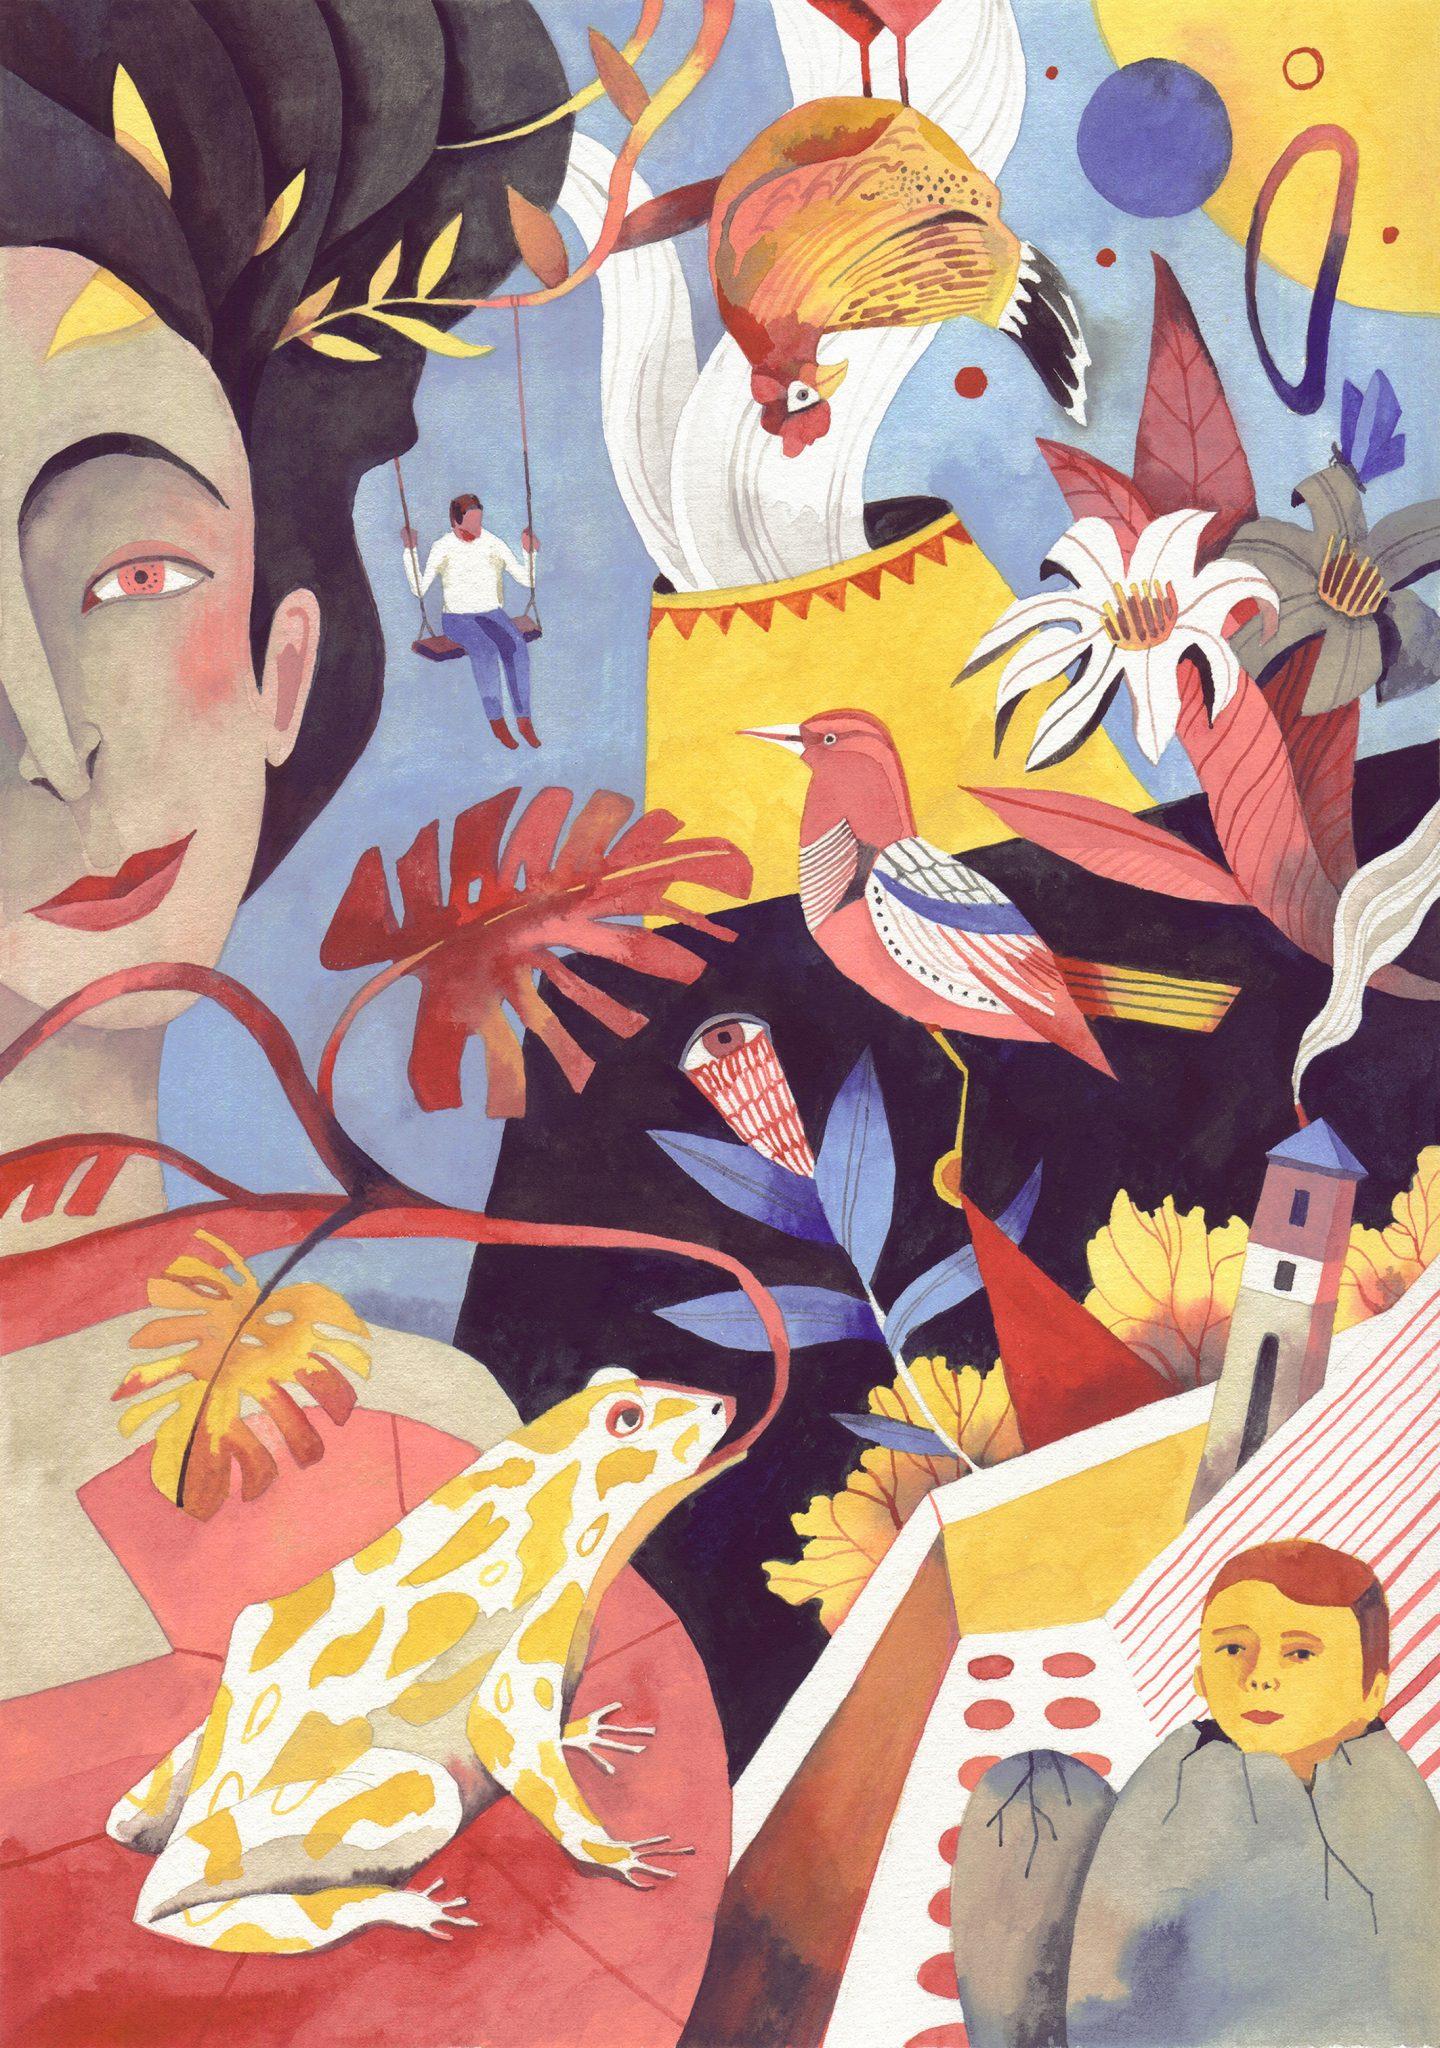 ilustración de Luisa Rivera donde aparecen diversos motivos: una mujer, personas, flores, pajaros, etc.